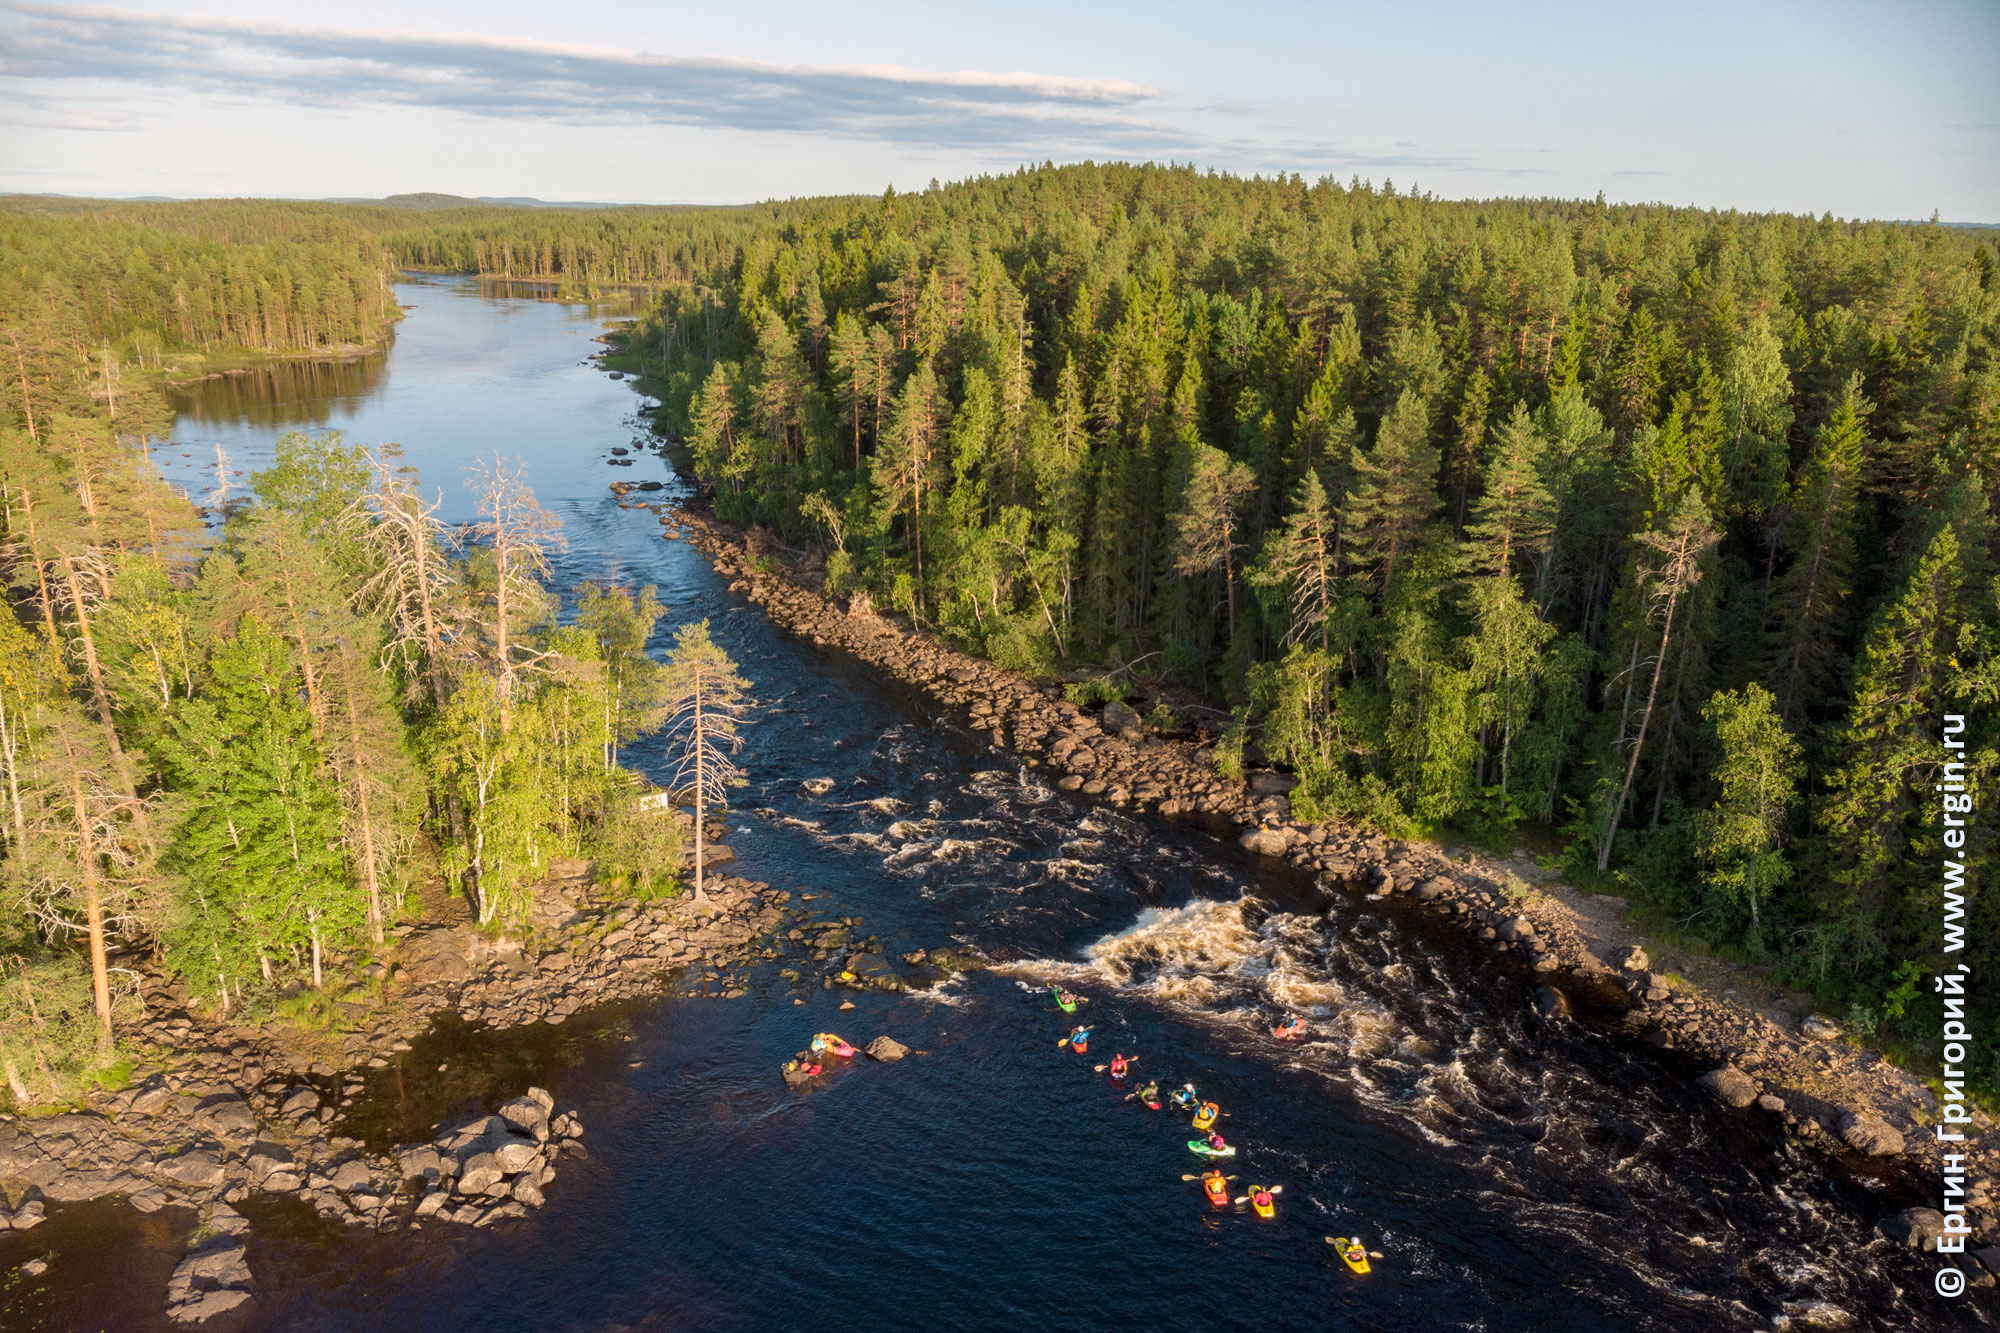 Каякеры на пороге Нейтикоски заповедник Руунаа недалеко от Лиексы в Финляндии